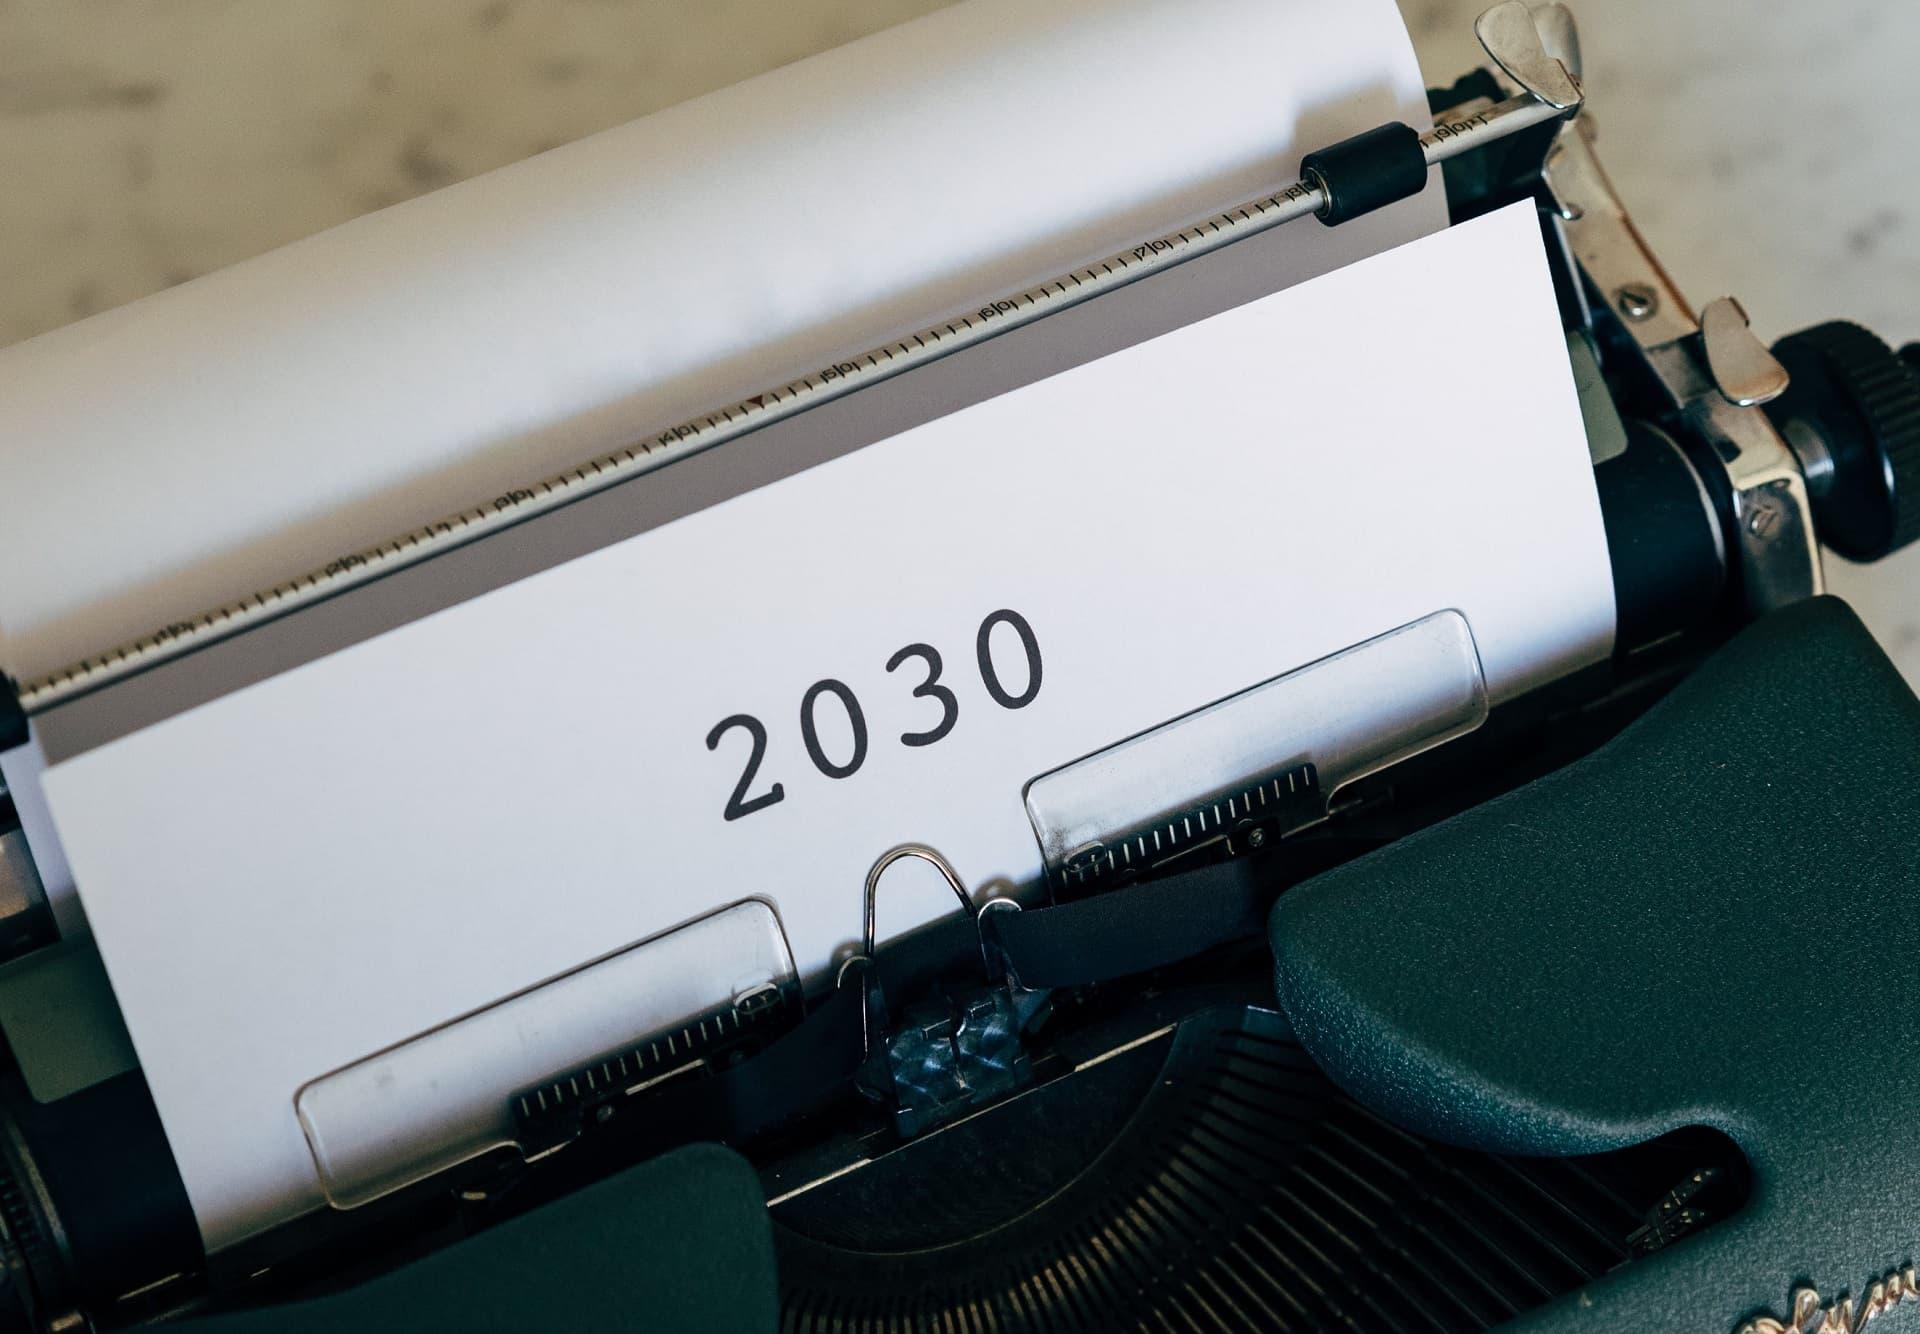 Papier mit Aufschift 2030 in Schreibmaschine